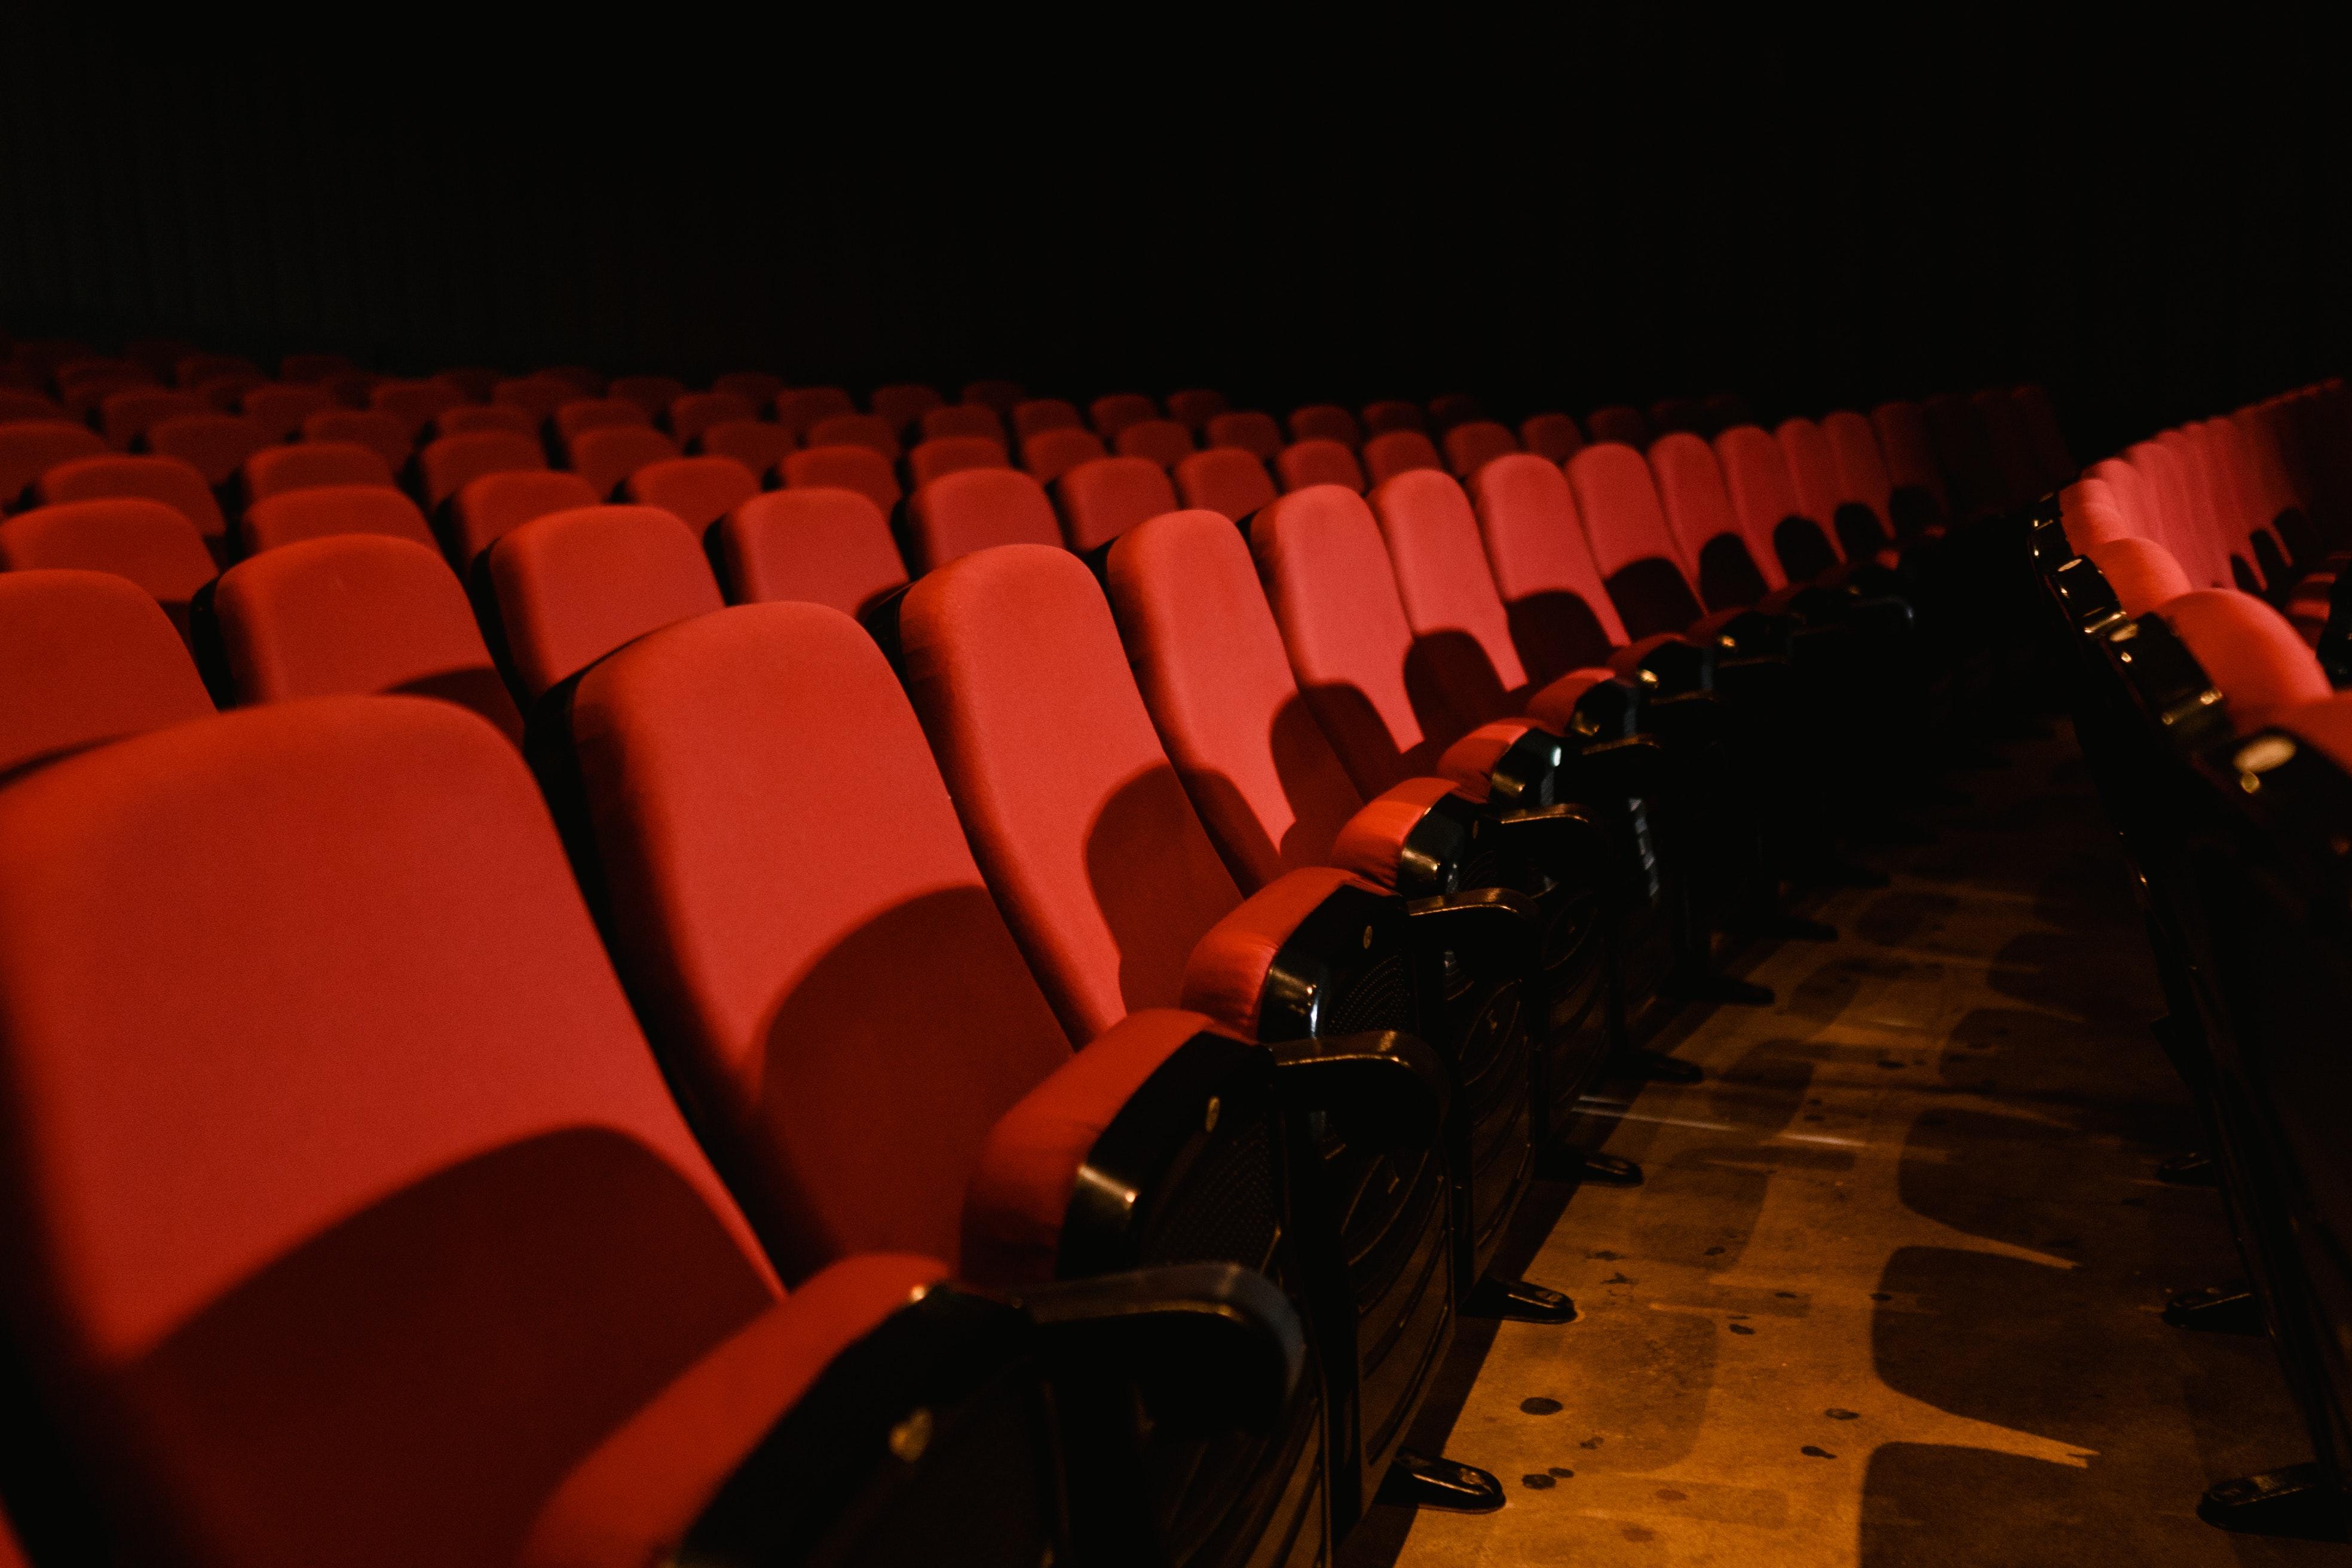 Június 3-án Oscar-díjas filmekkel nyit újra a Cinema City